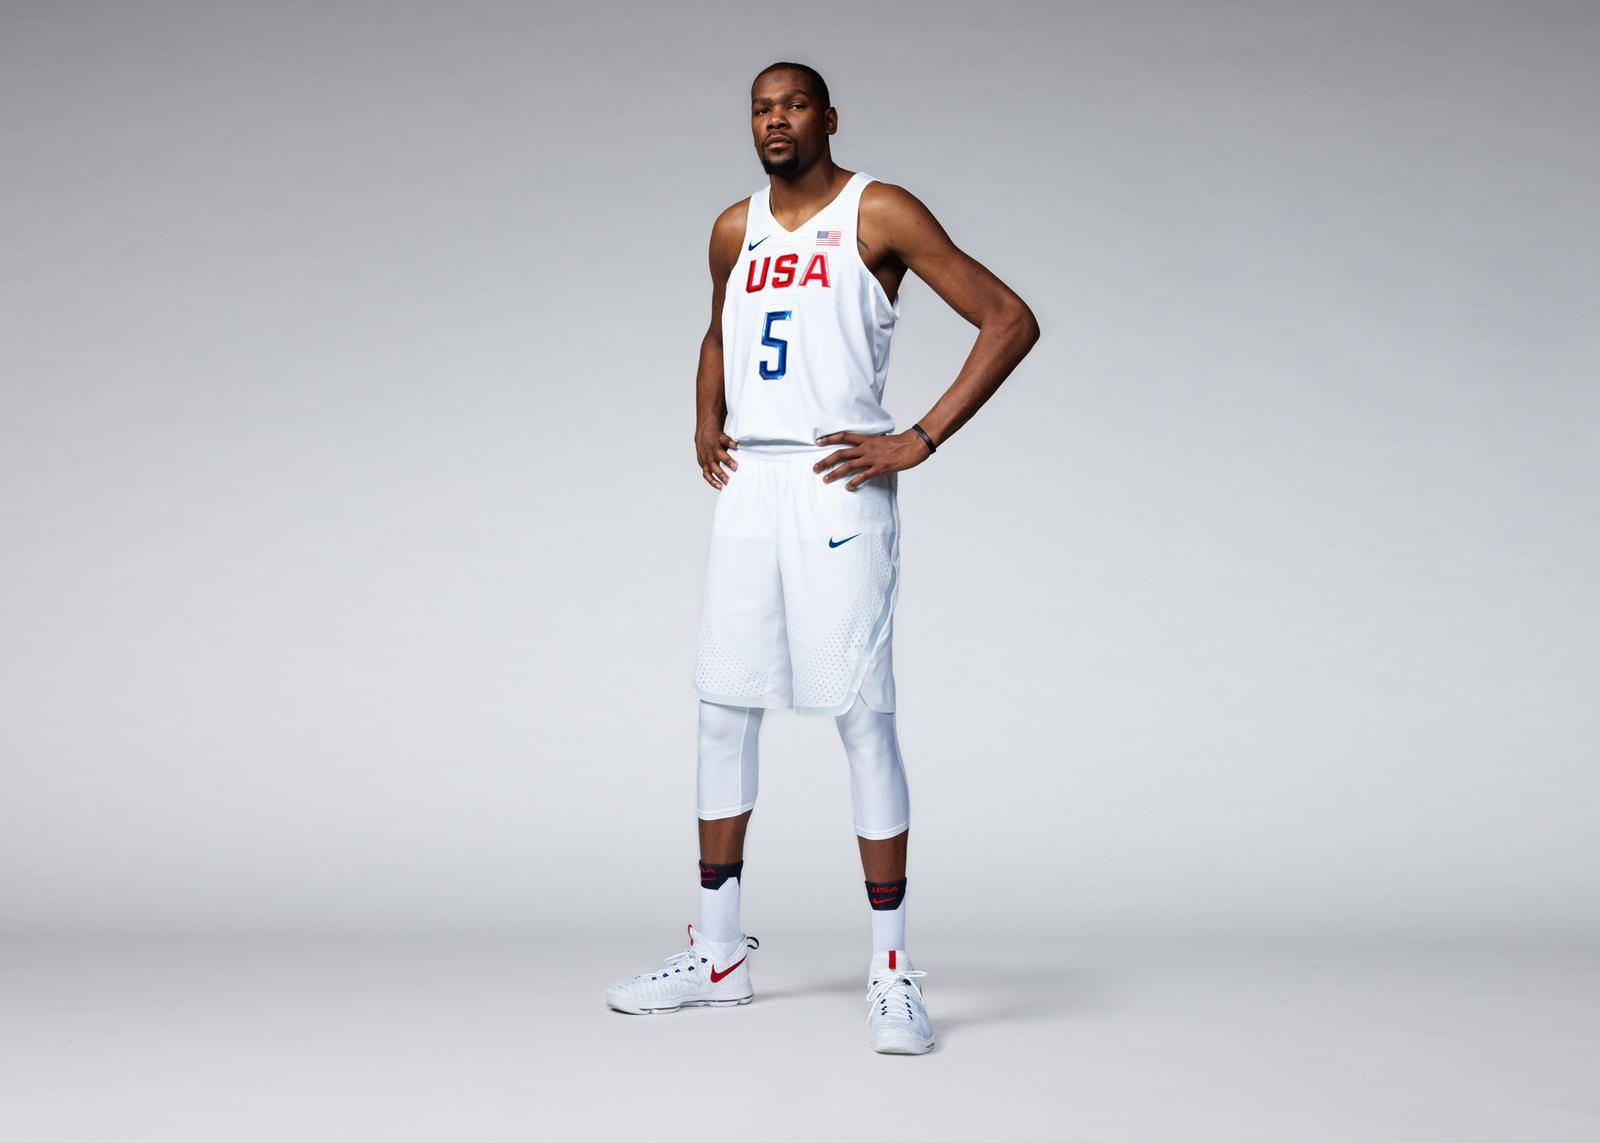 8f9a37d5c32 USA 2016 Nike Vapor Basketball Uniforms | basketball jersey | Team ...